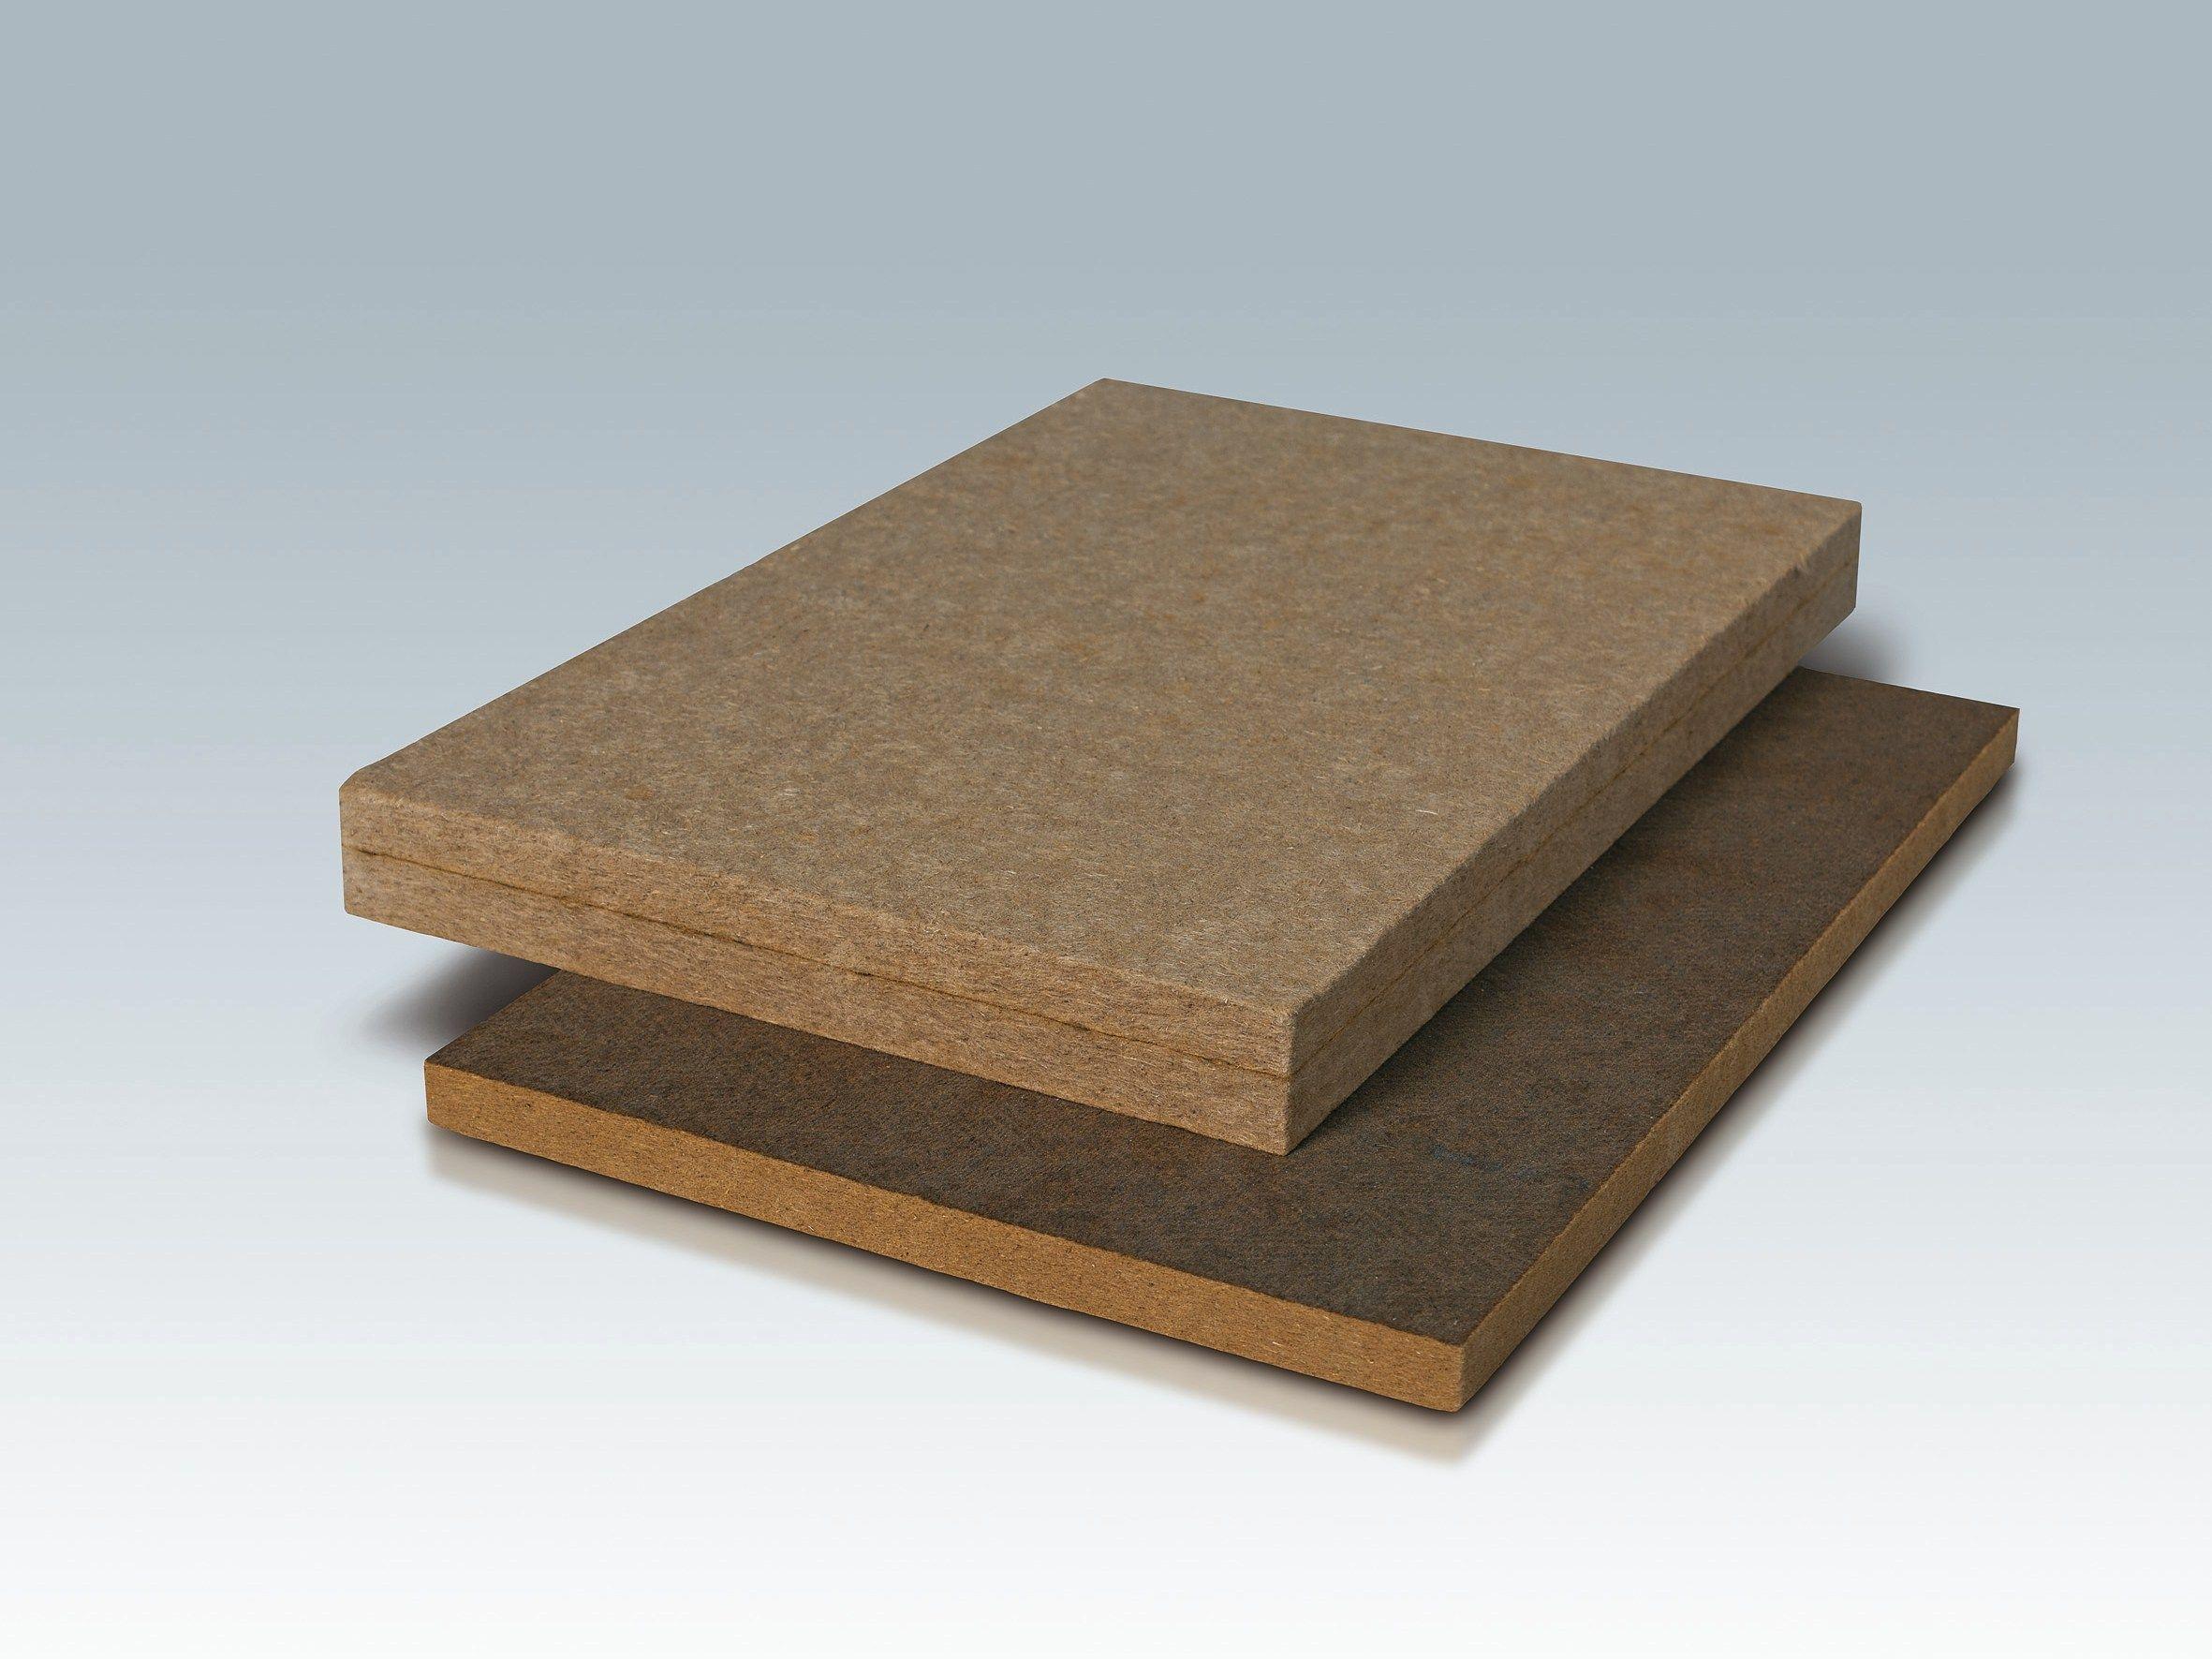 Panel aislante t rmico de fibra de madera panel aislante for Panel aislante termico